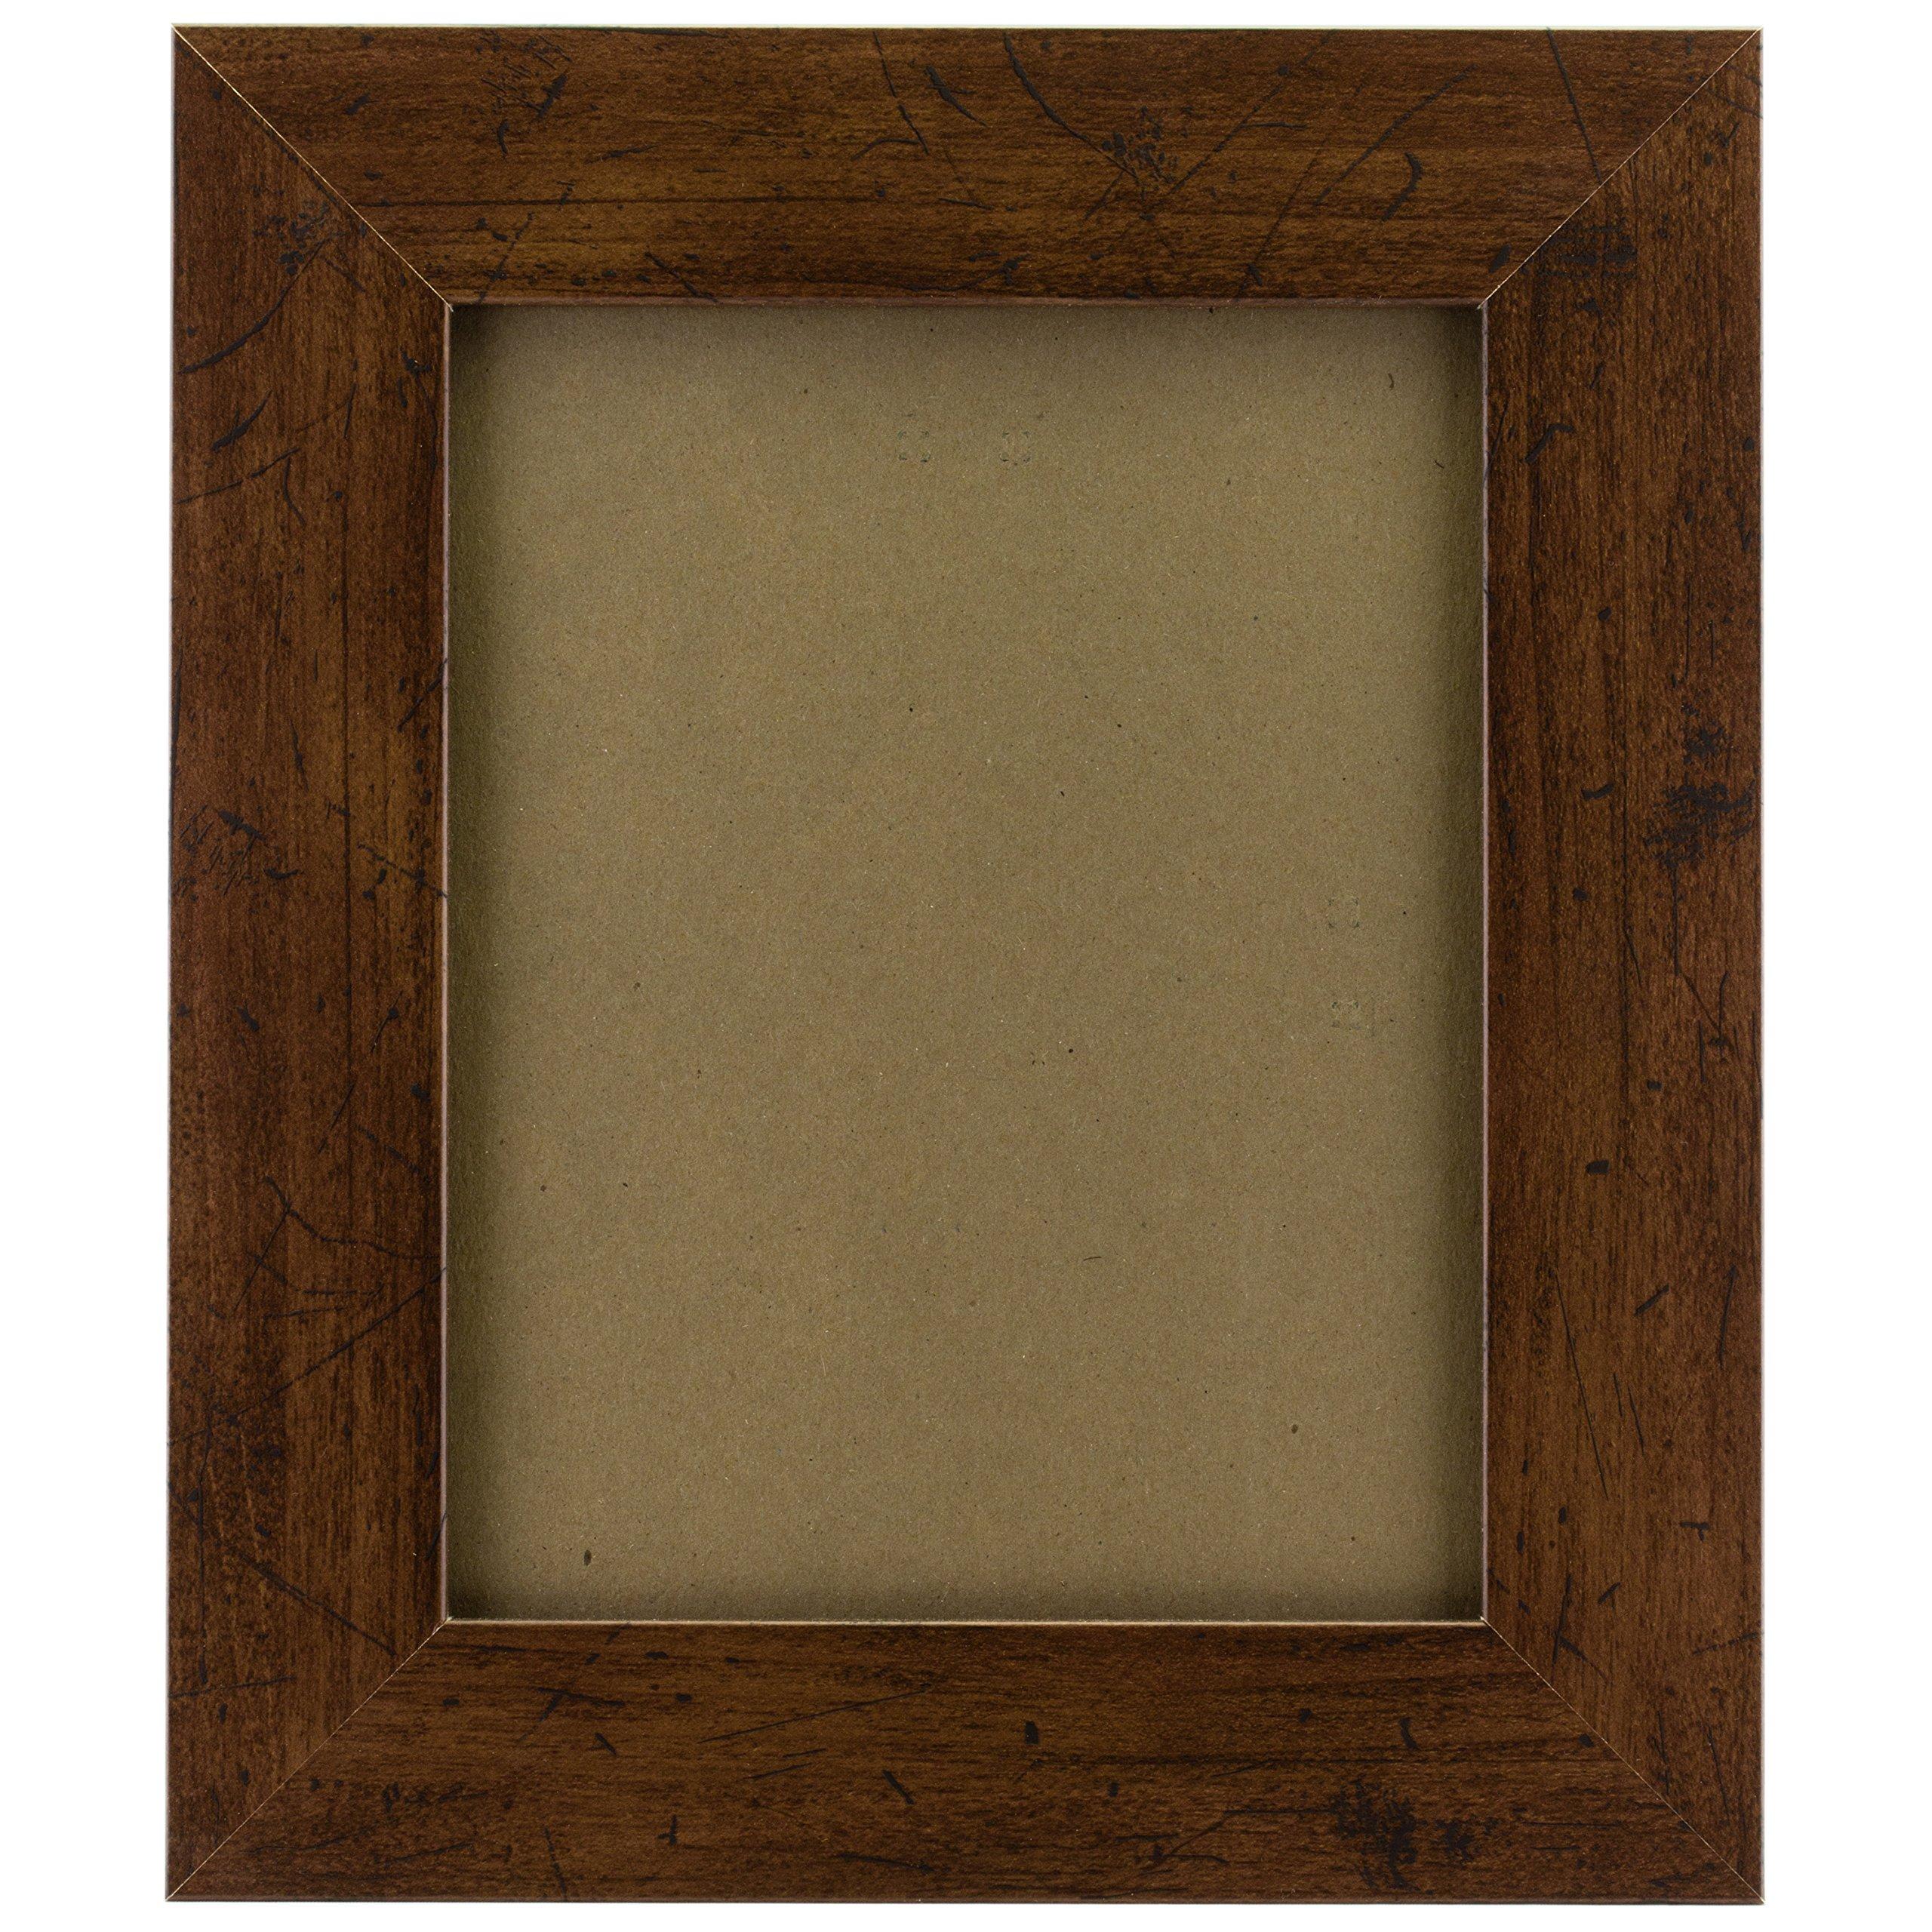 Craig Frames FM74DKW 16 by 20-Inch Rustic Wall Decor Frame, Smooth Grain Finish, 2-Inch Wide, Dark Brown by Craig Frames